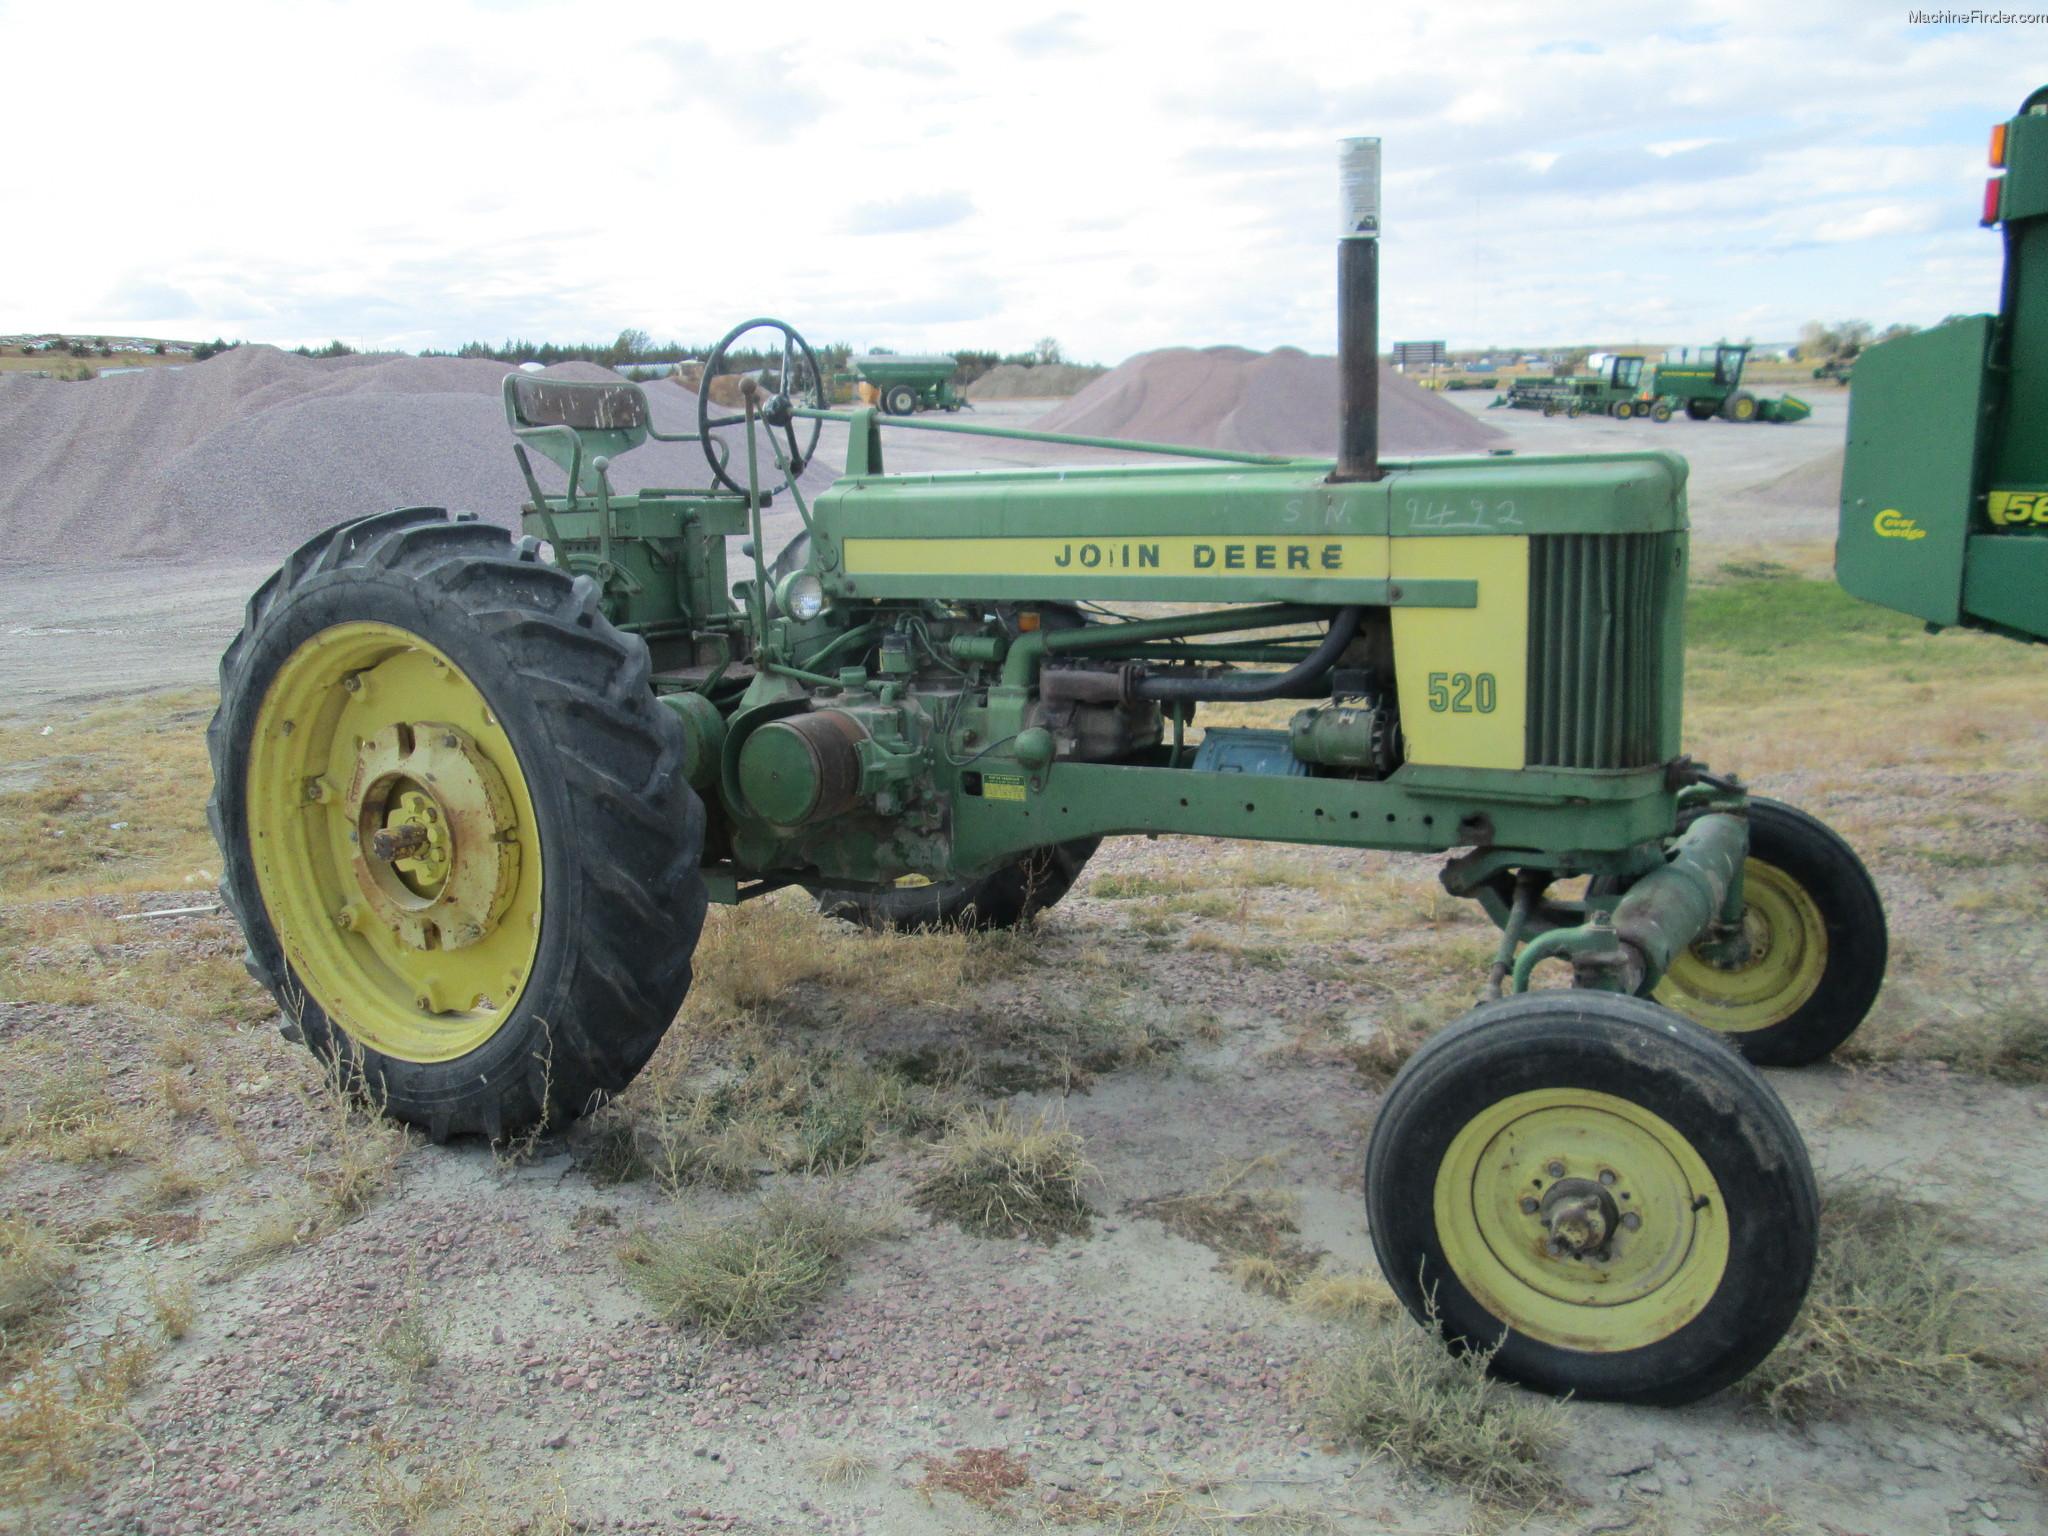 John Deere 520 Tractor Clutch : Tweet